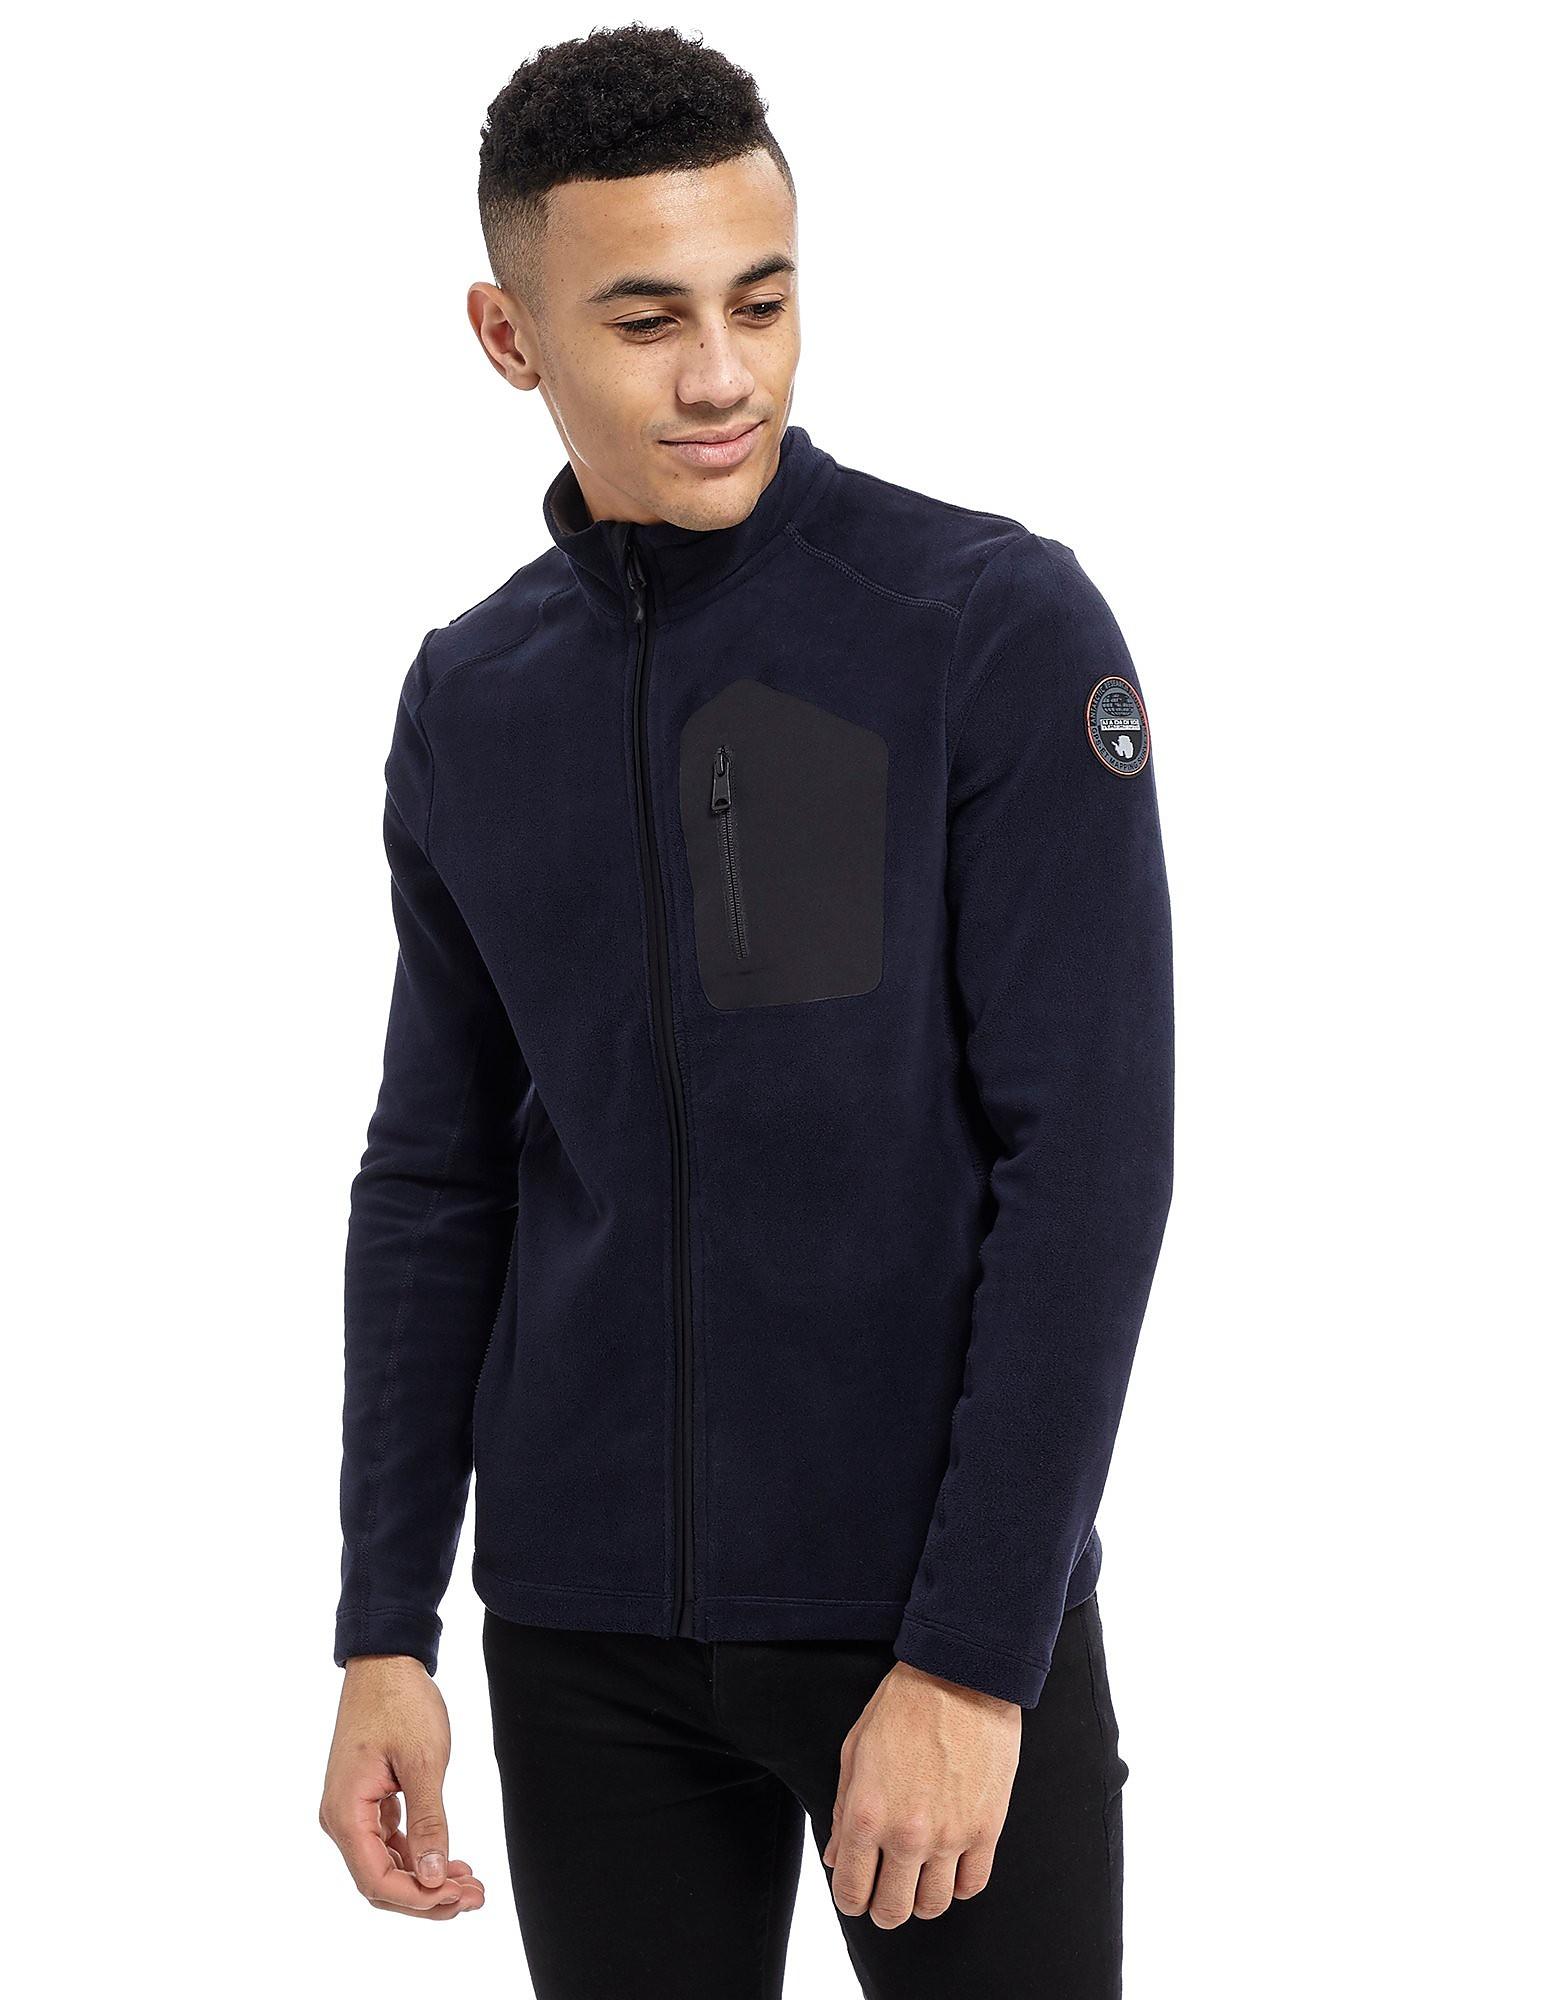 Napapijri Tambo Full Zip Fleece